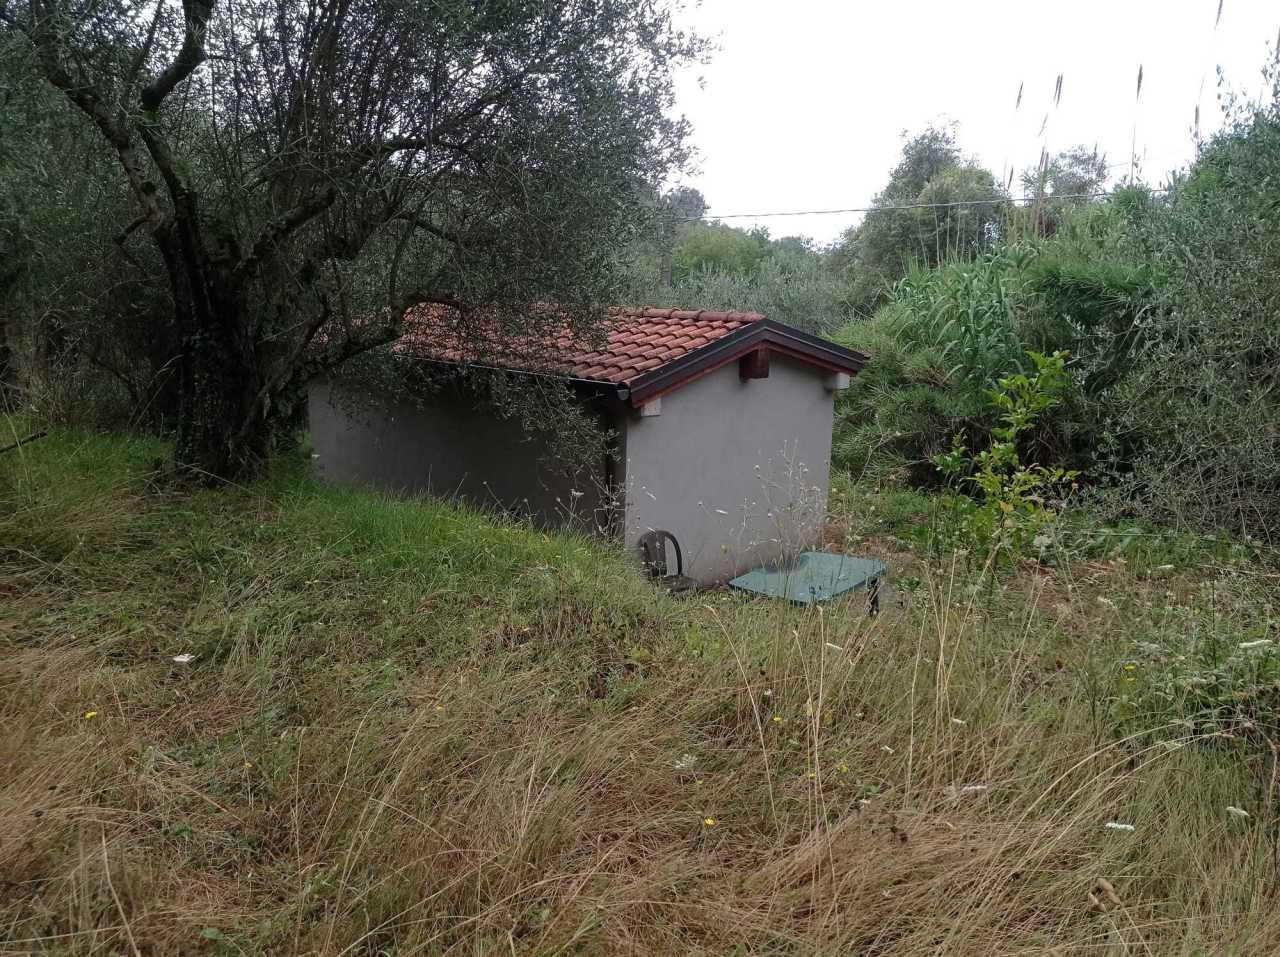 Terreno Agricolo in vendita a Fosdinovo, 1 locali, prezzo € 50.000   PortaleAgenzieImmobiliari.it